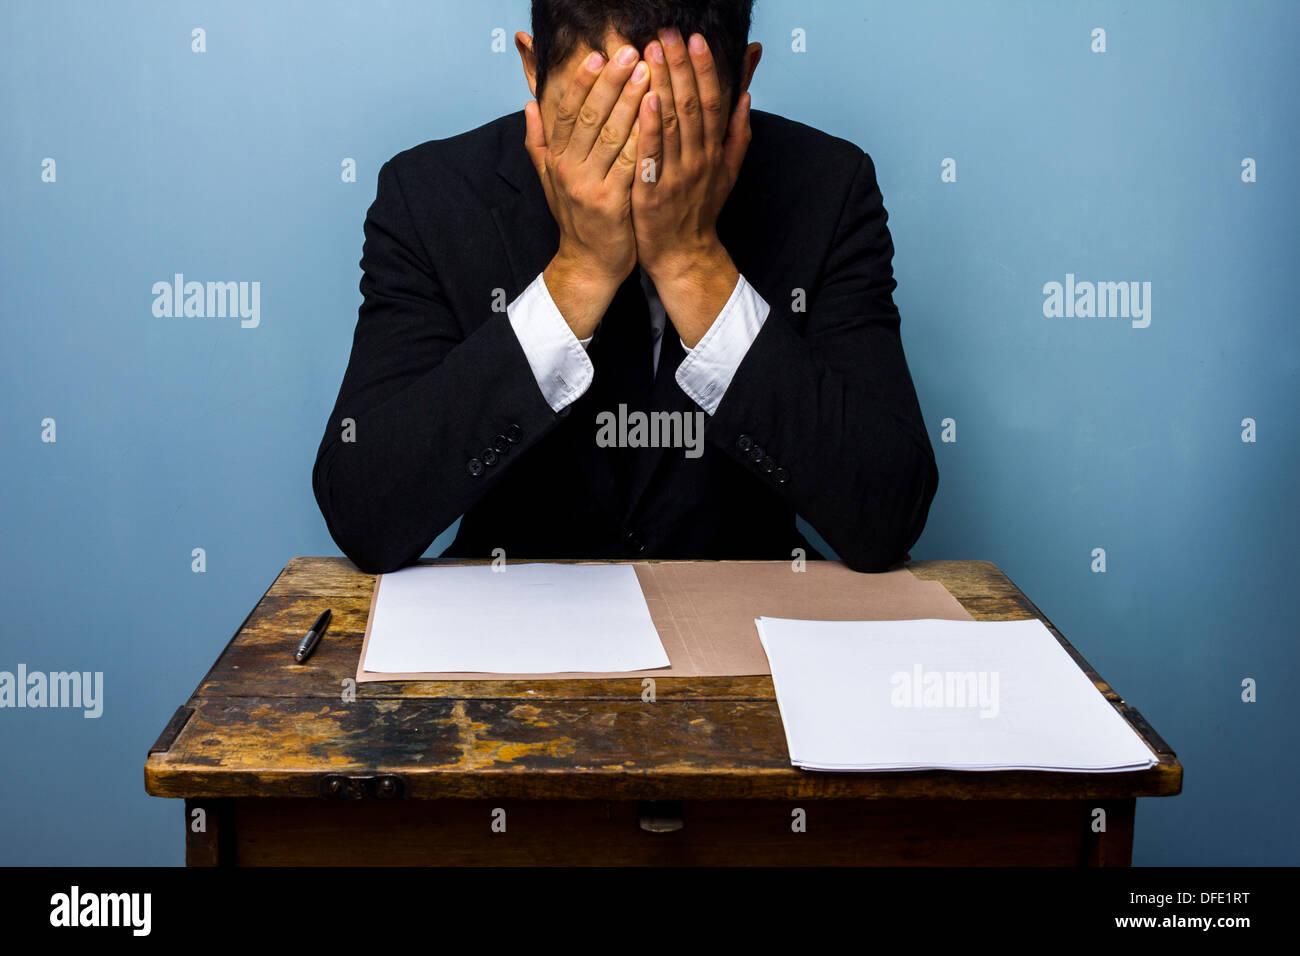 Cansado y frustrado empresario con importantes documentos Imagen De Stock